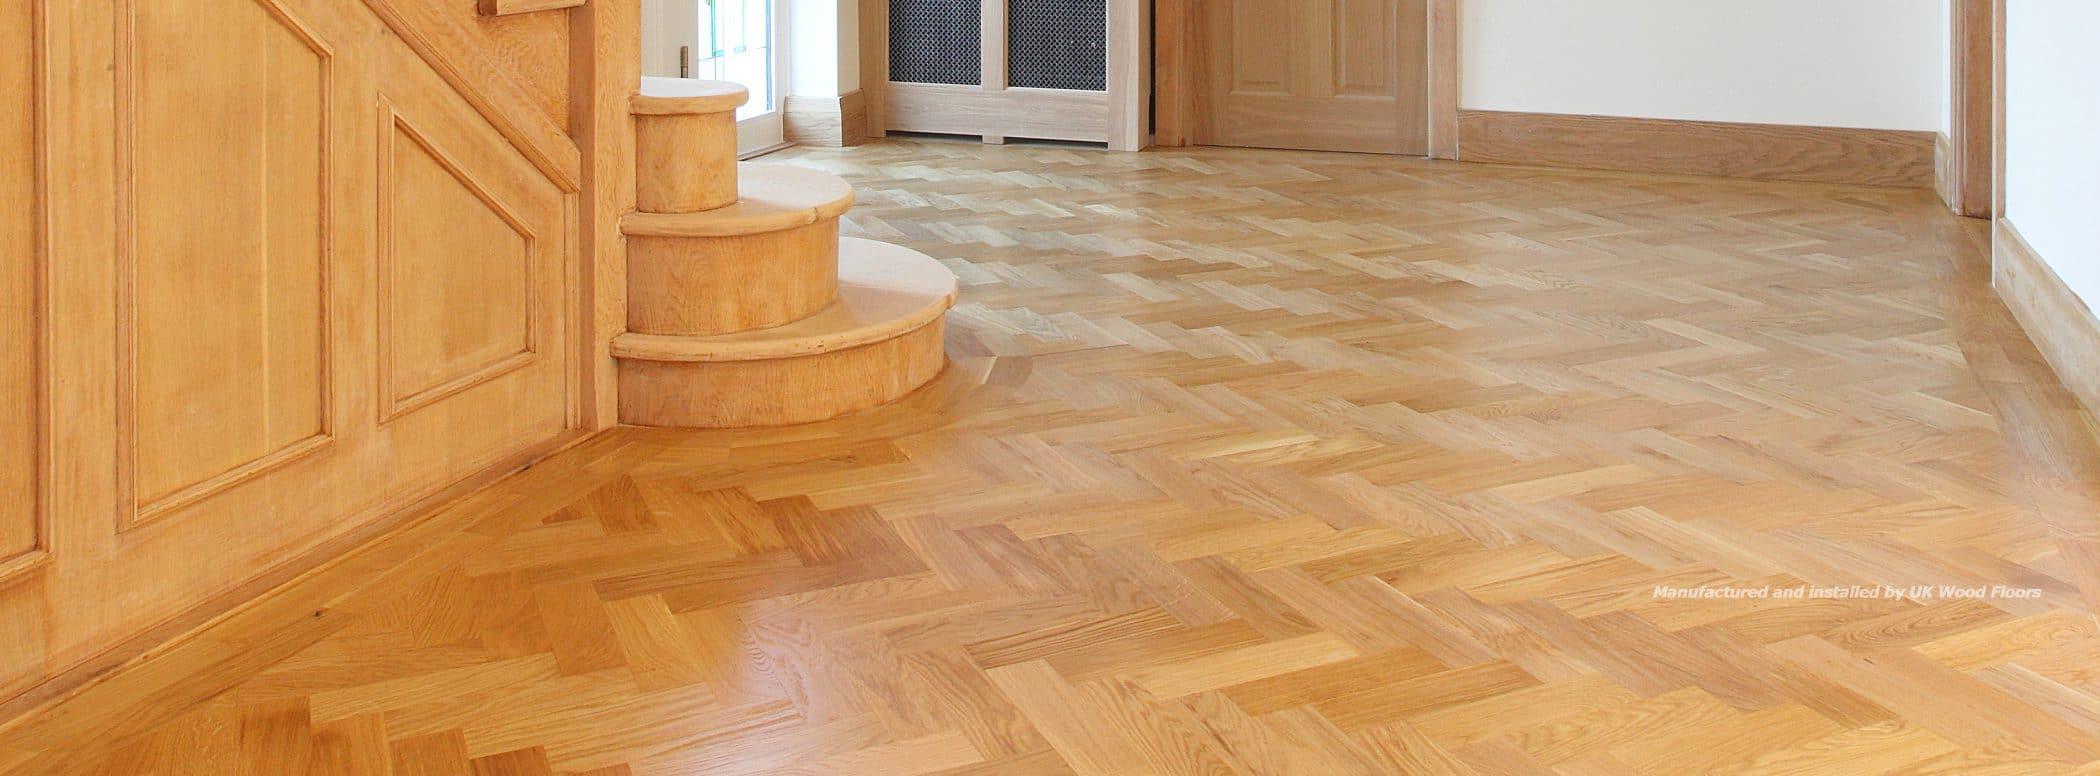 4 Timeless Wooden Floor Trends